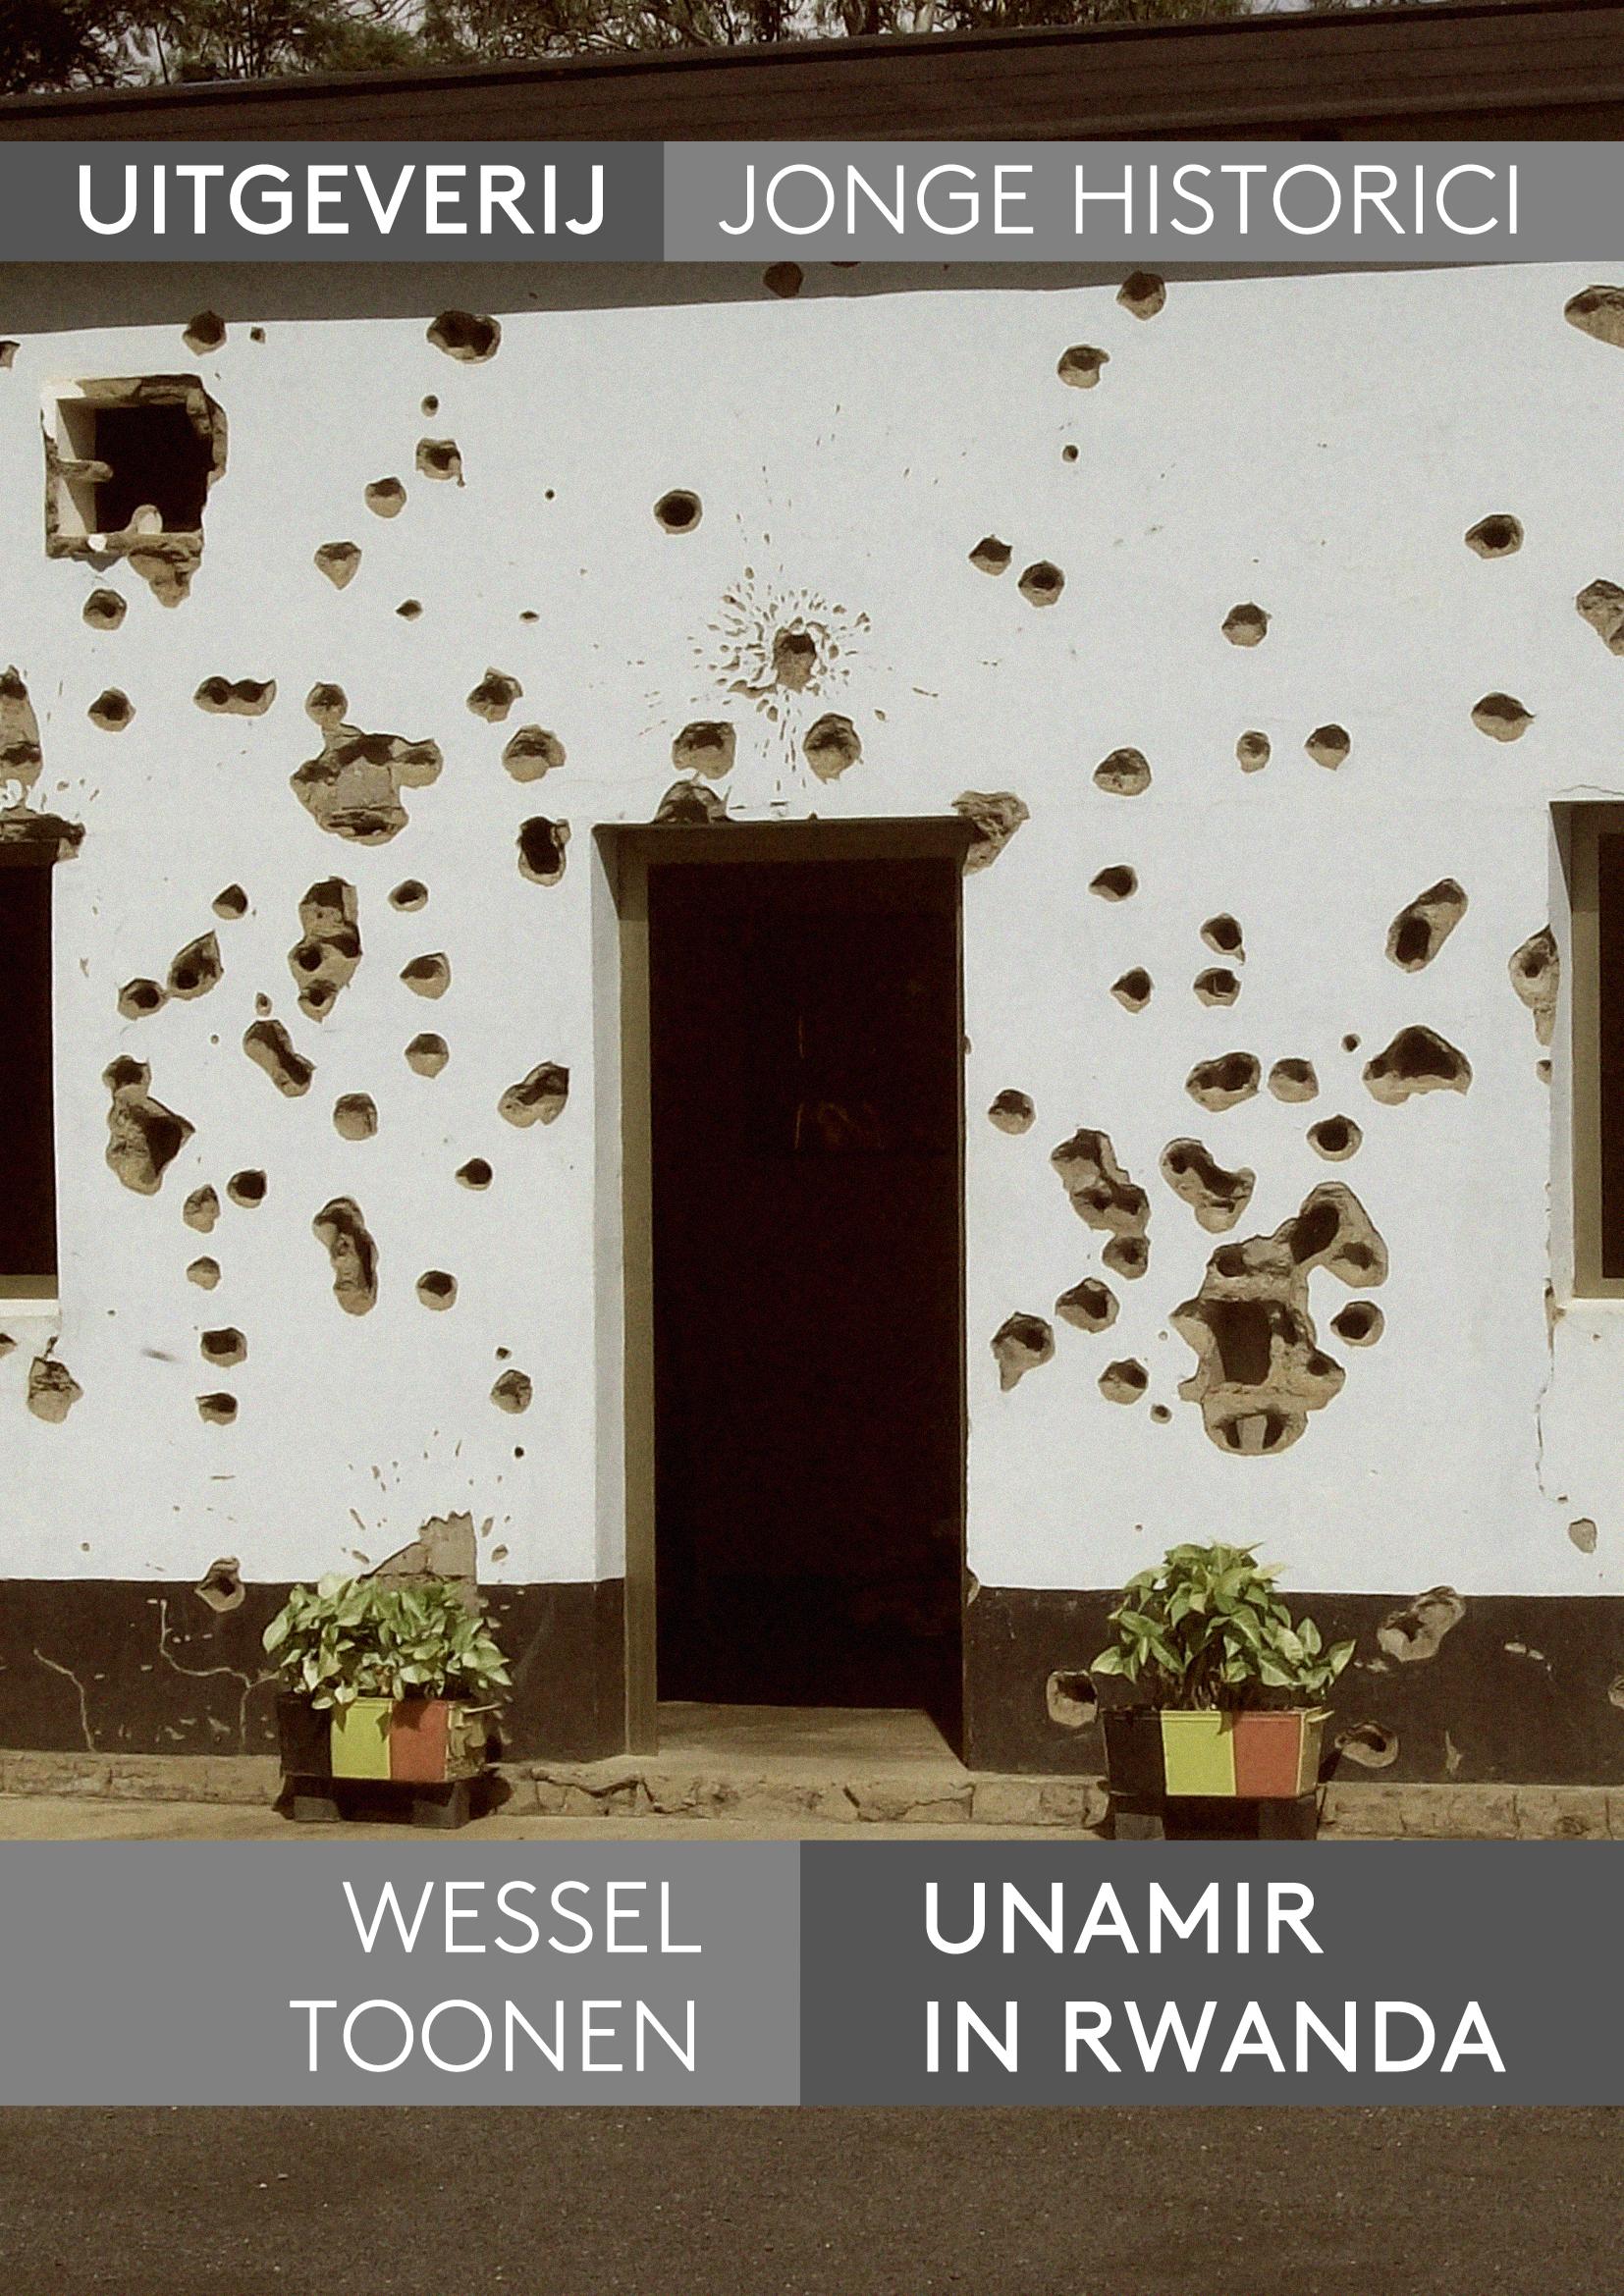 Wessel Toonen, UNIMAR in Rwanda